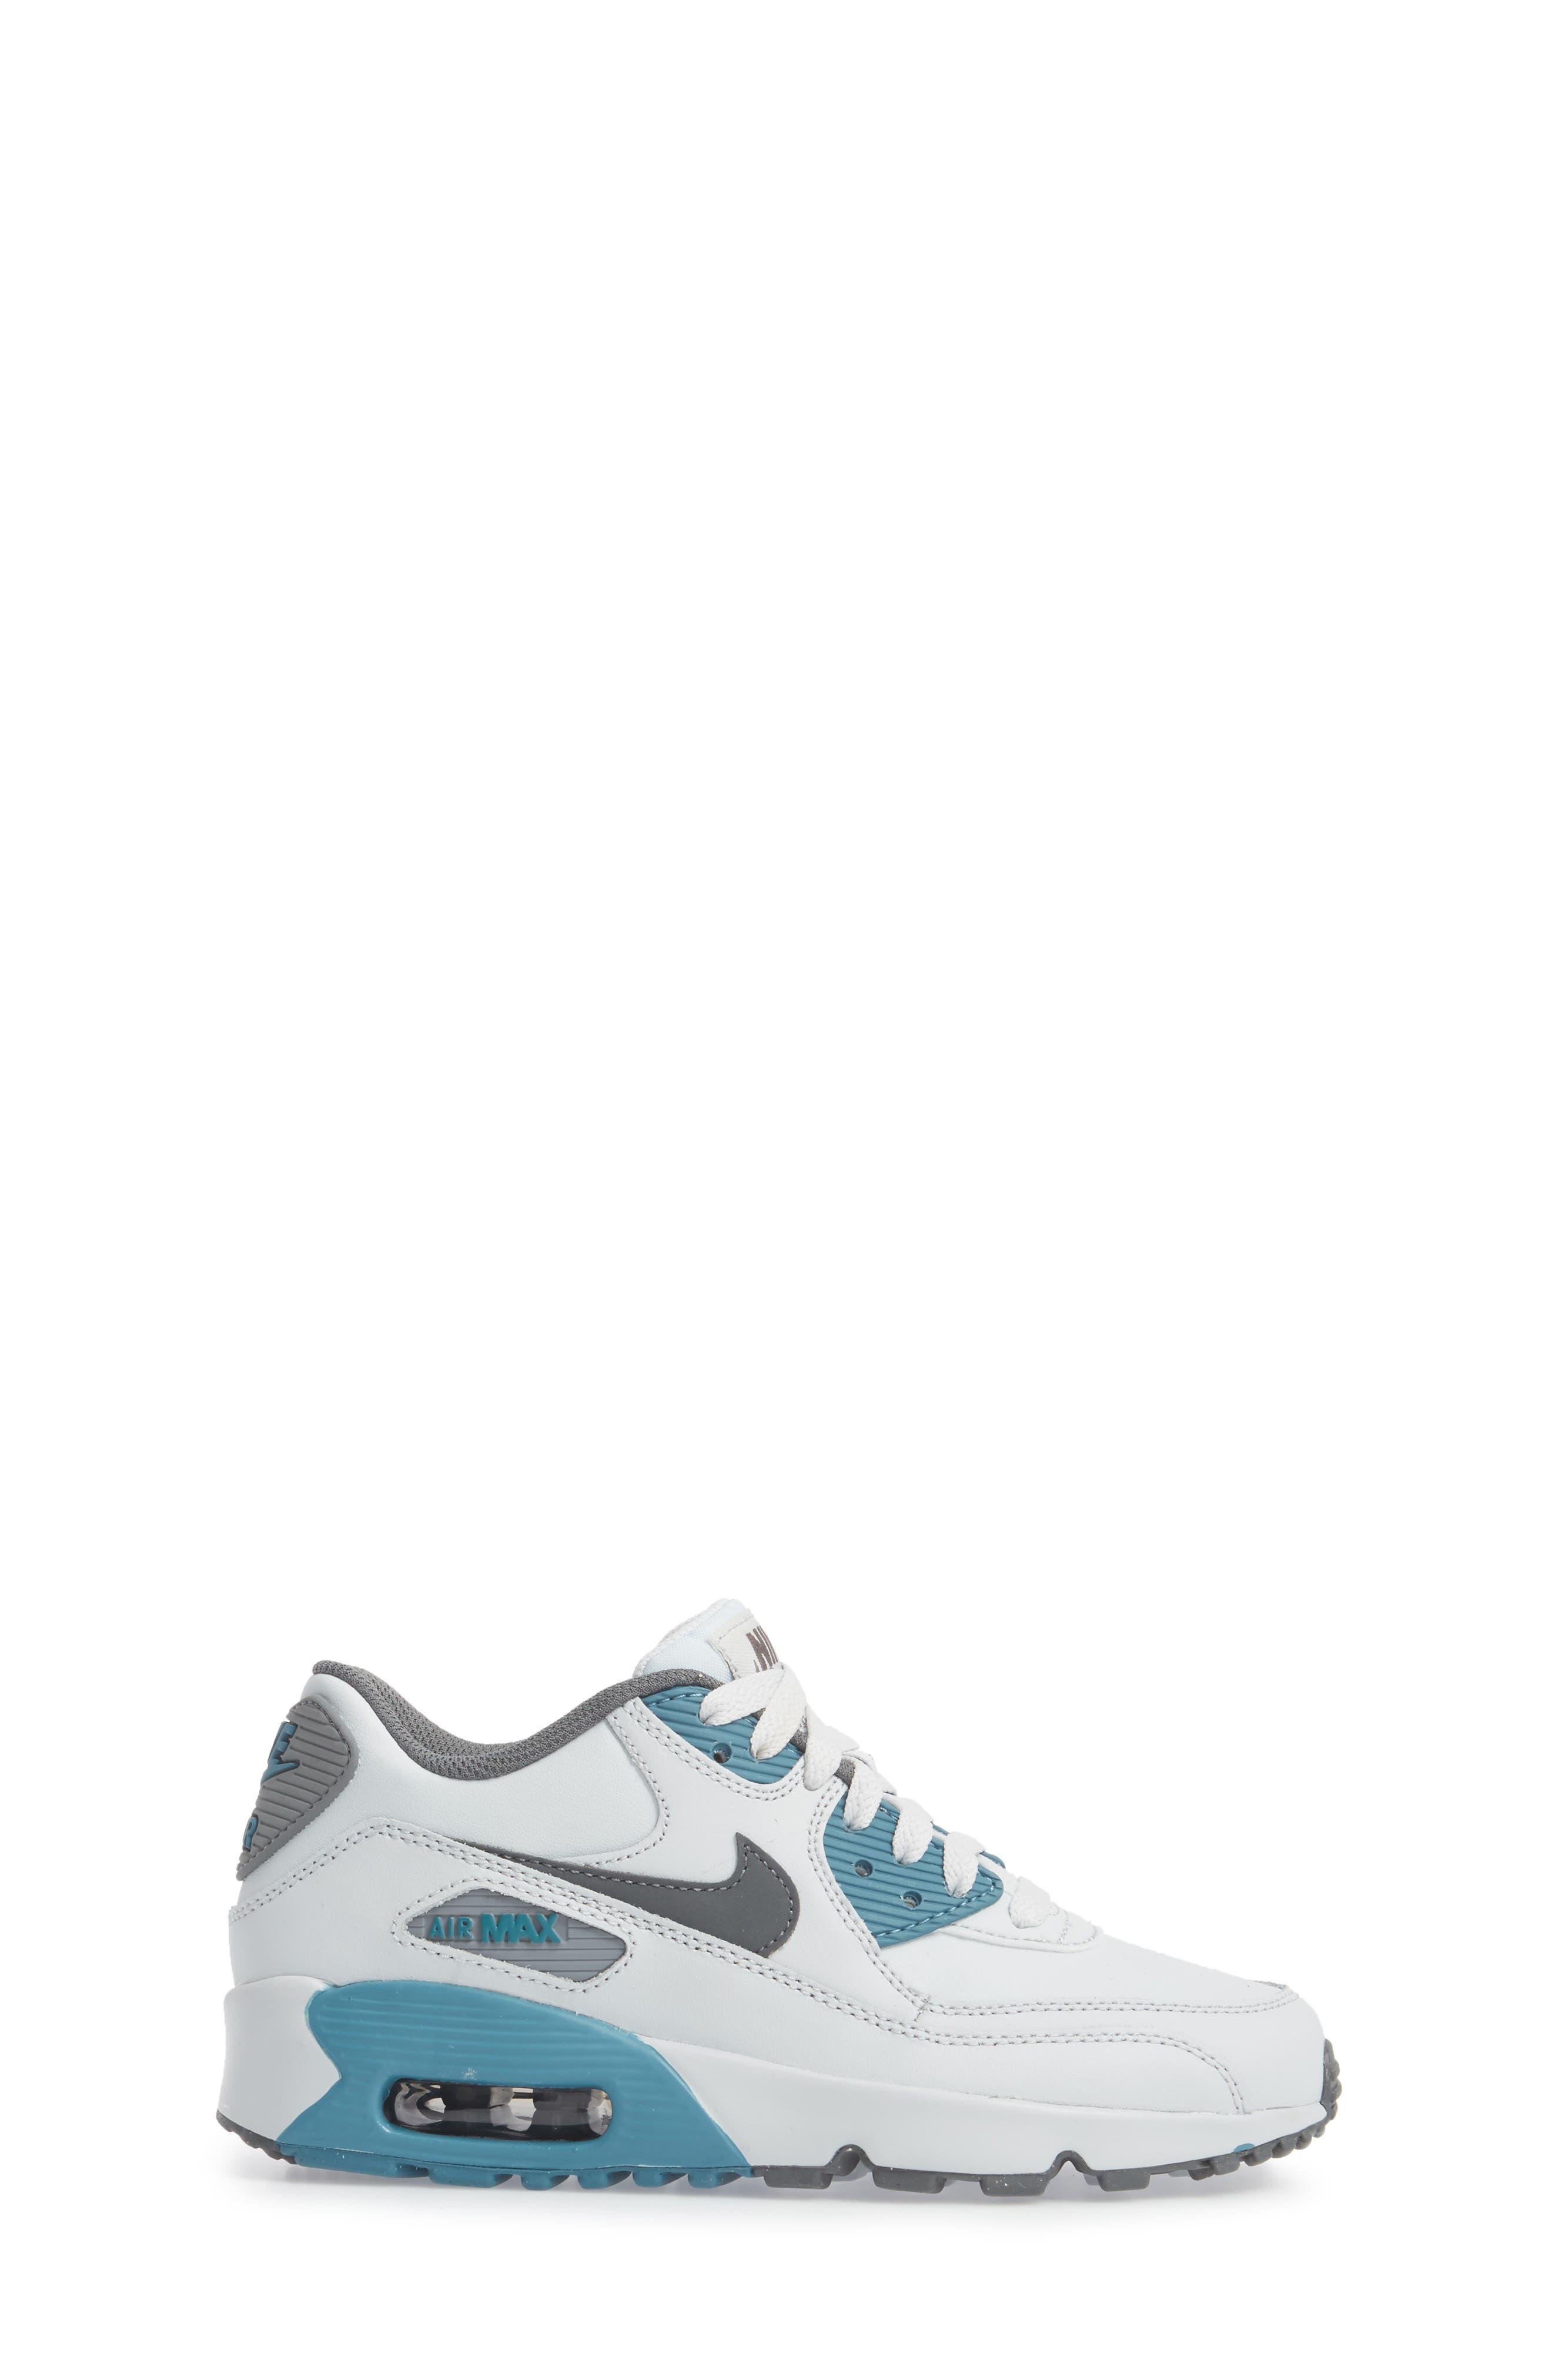 Air Max 90 Sneaker,                             Alternate thumbnail 3, color,                             040